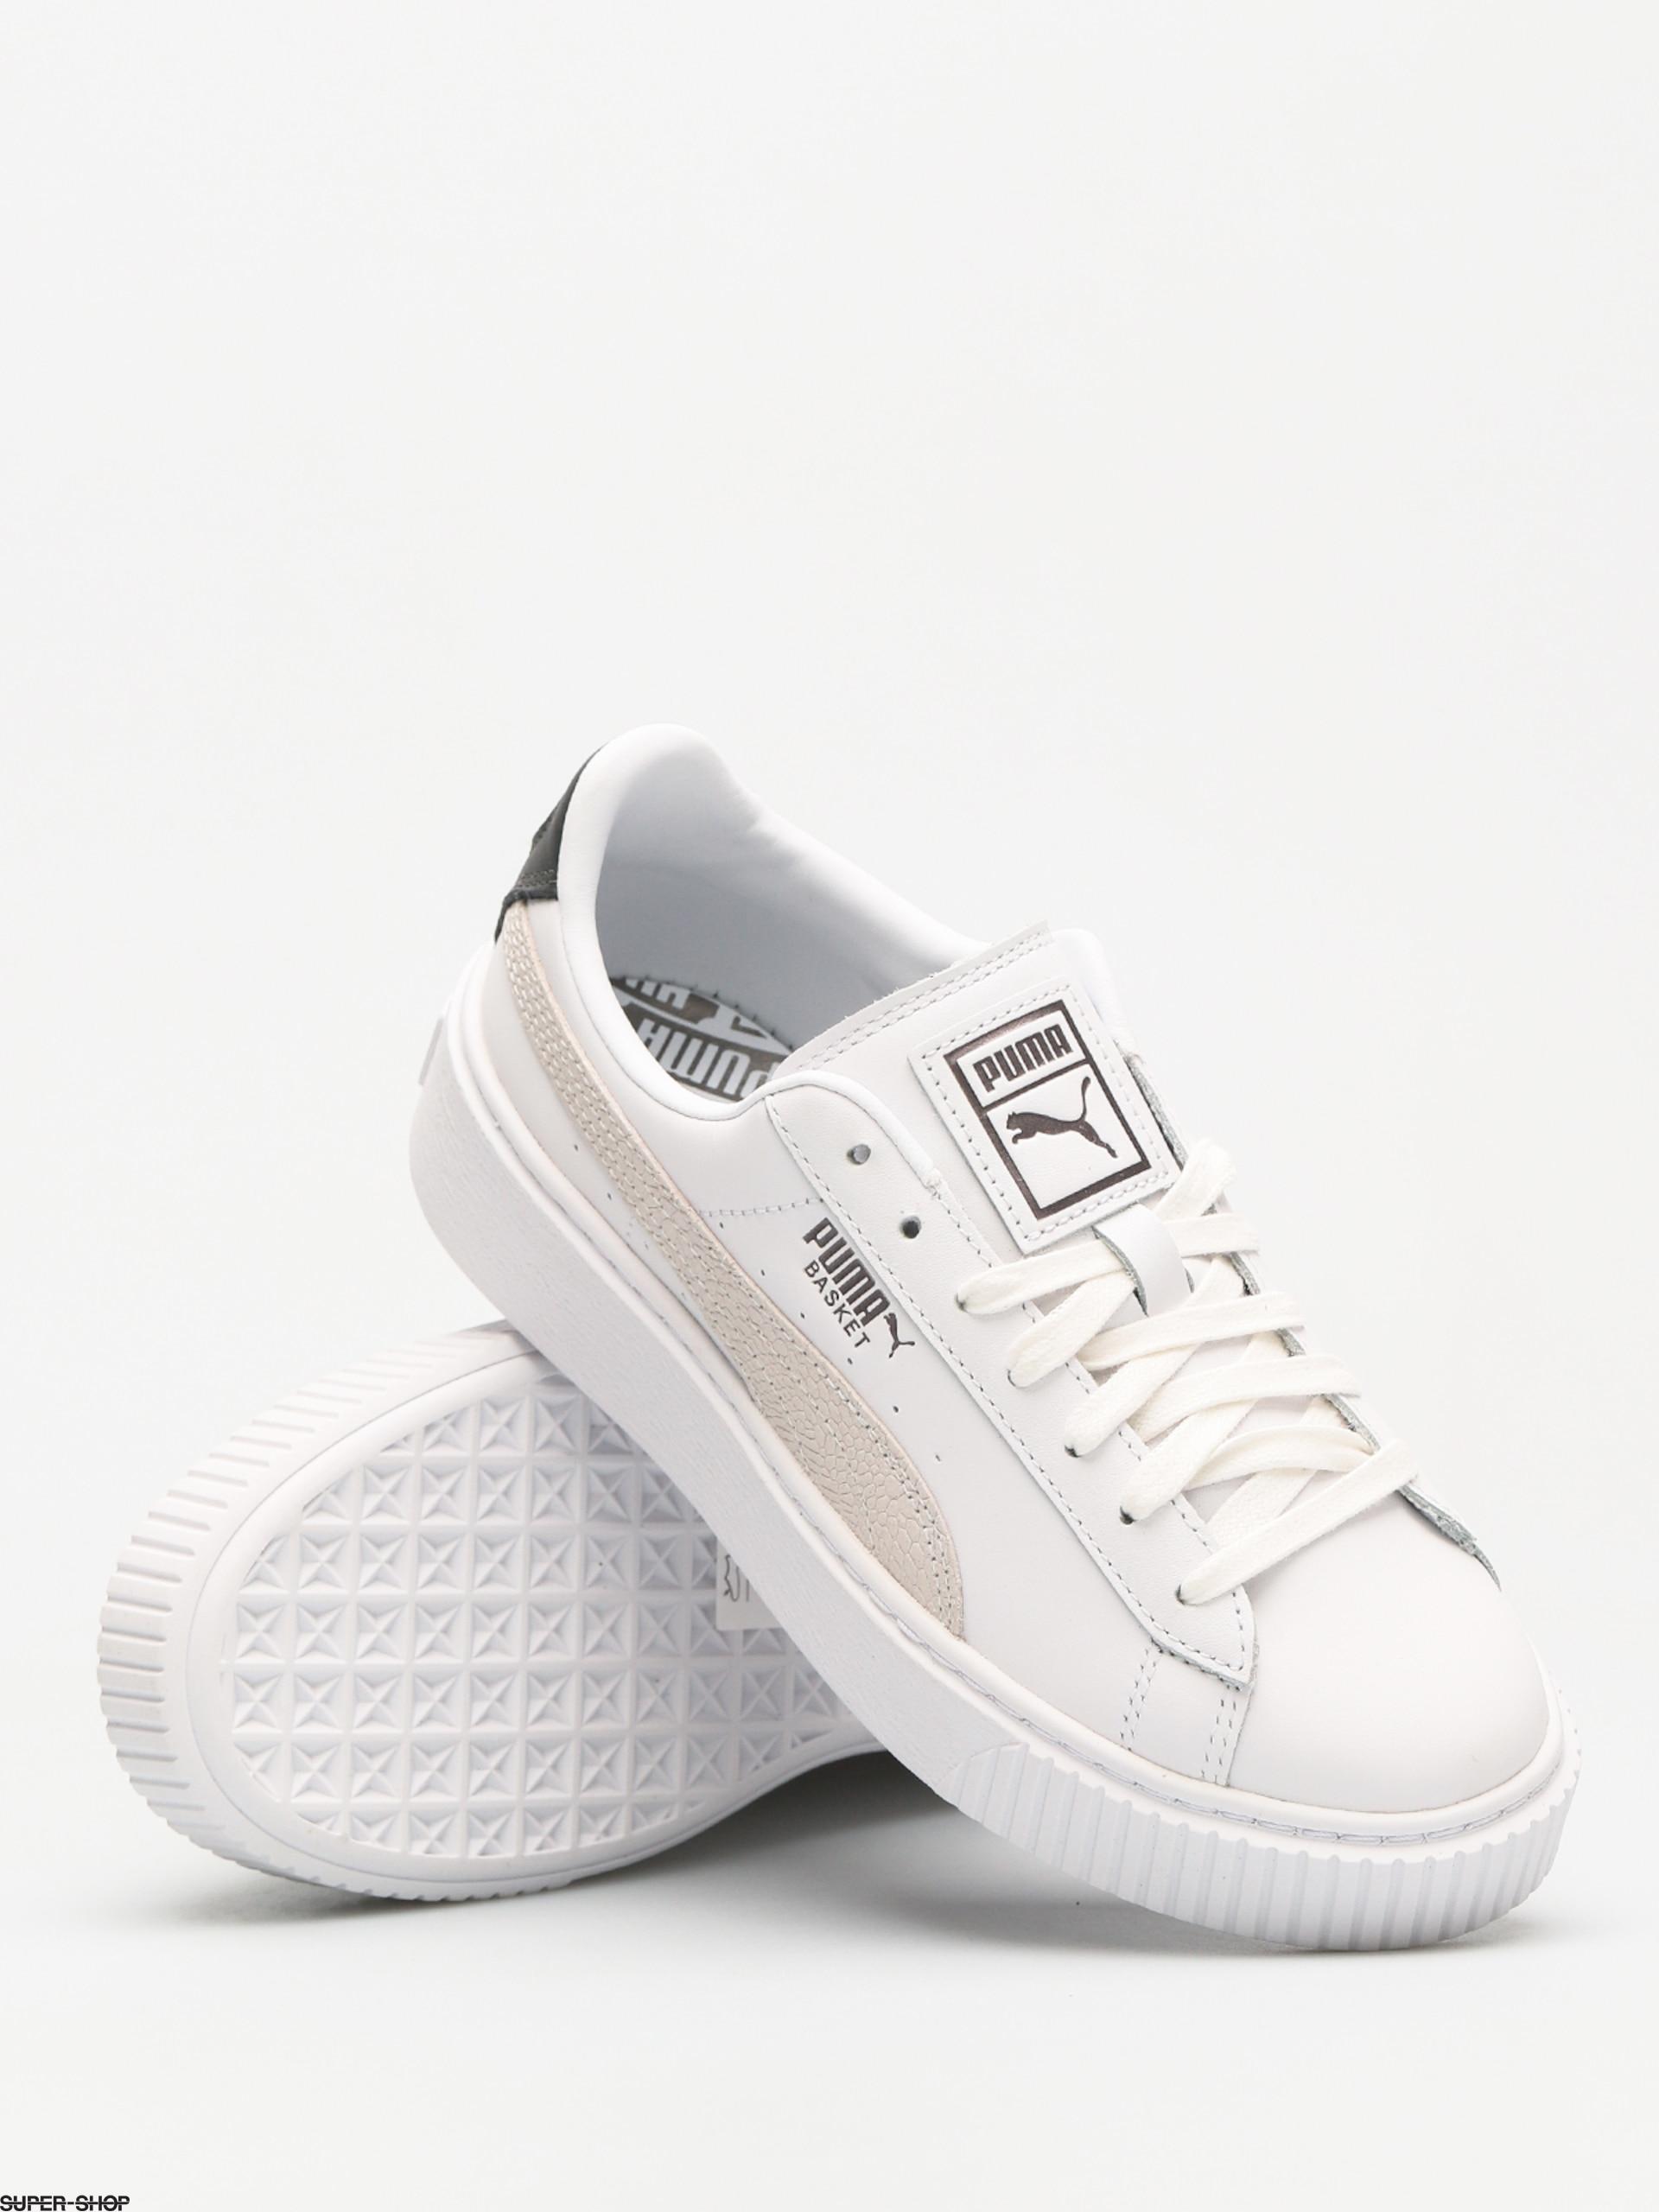 461c8bf1ded Puma Shoes Basket Platform Wmn (euphoria metallic puma)